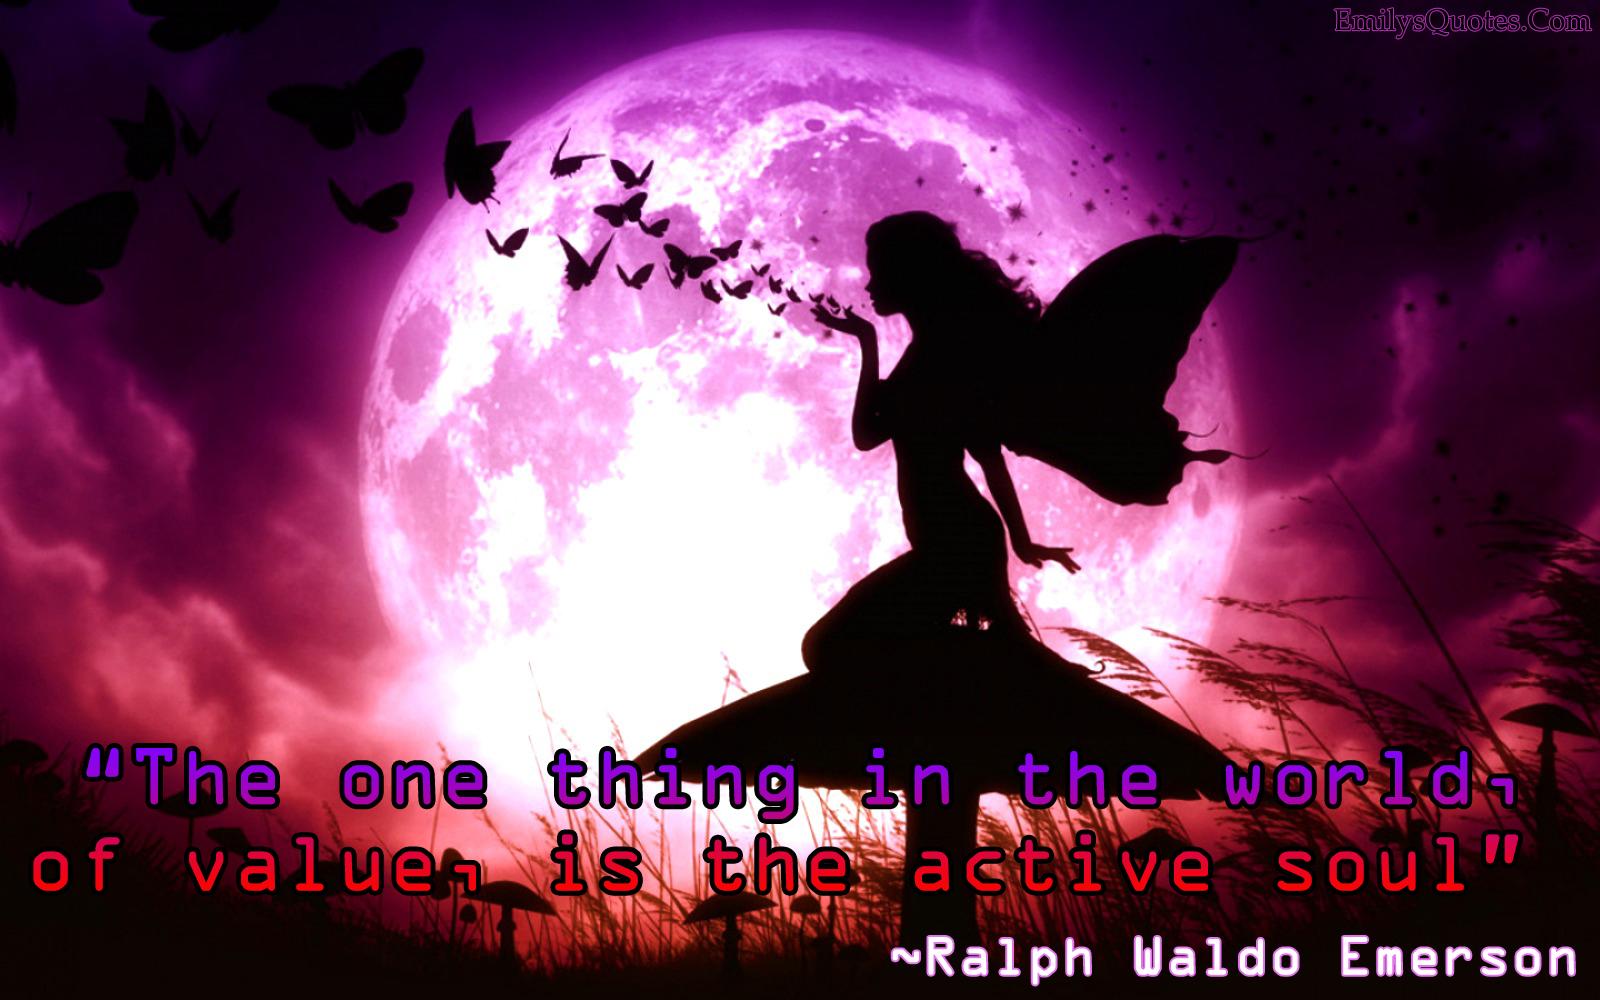 EmilysQuotes.Com - life, value, positive, soul,  Ralph Waldo Emerson,